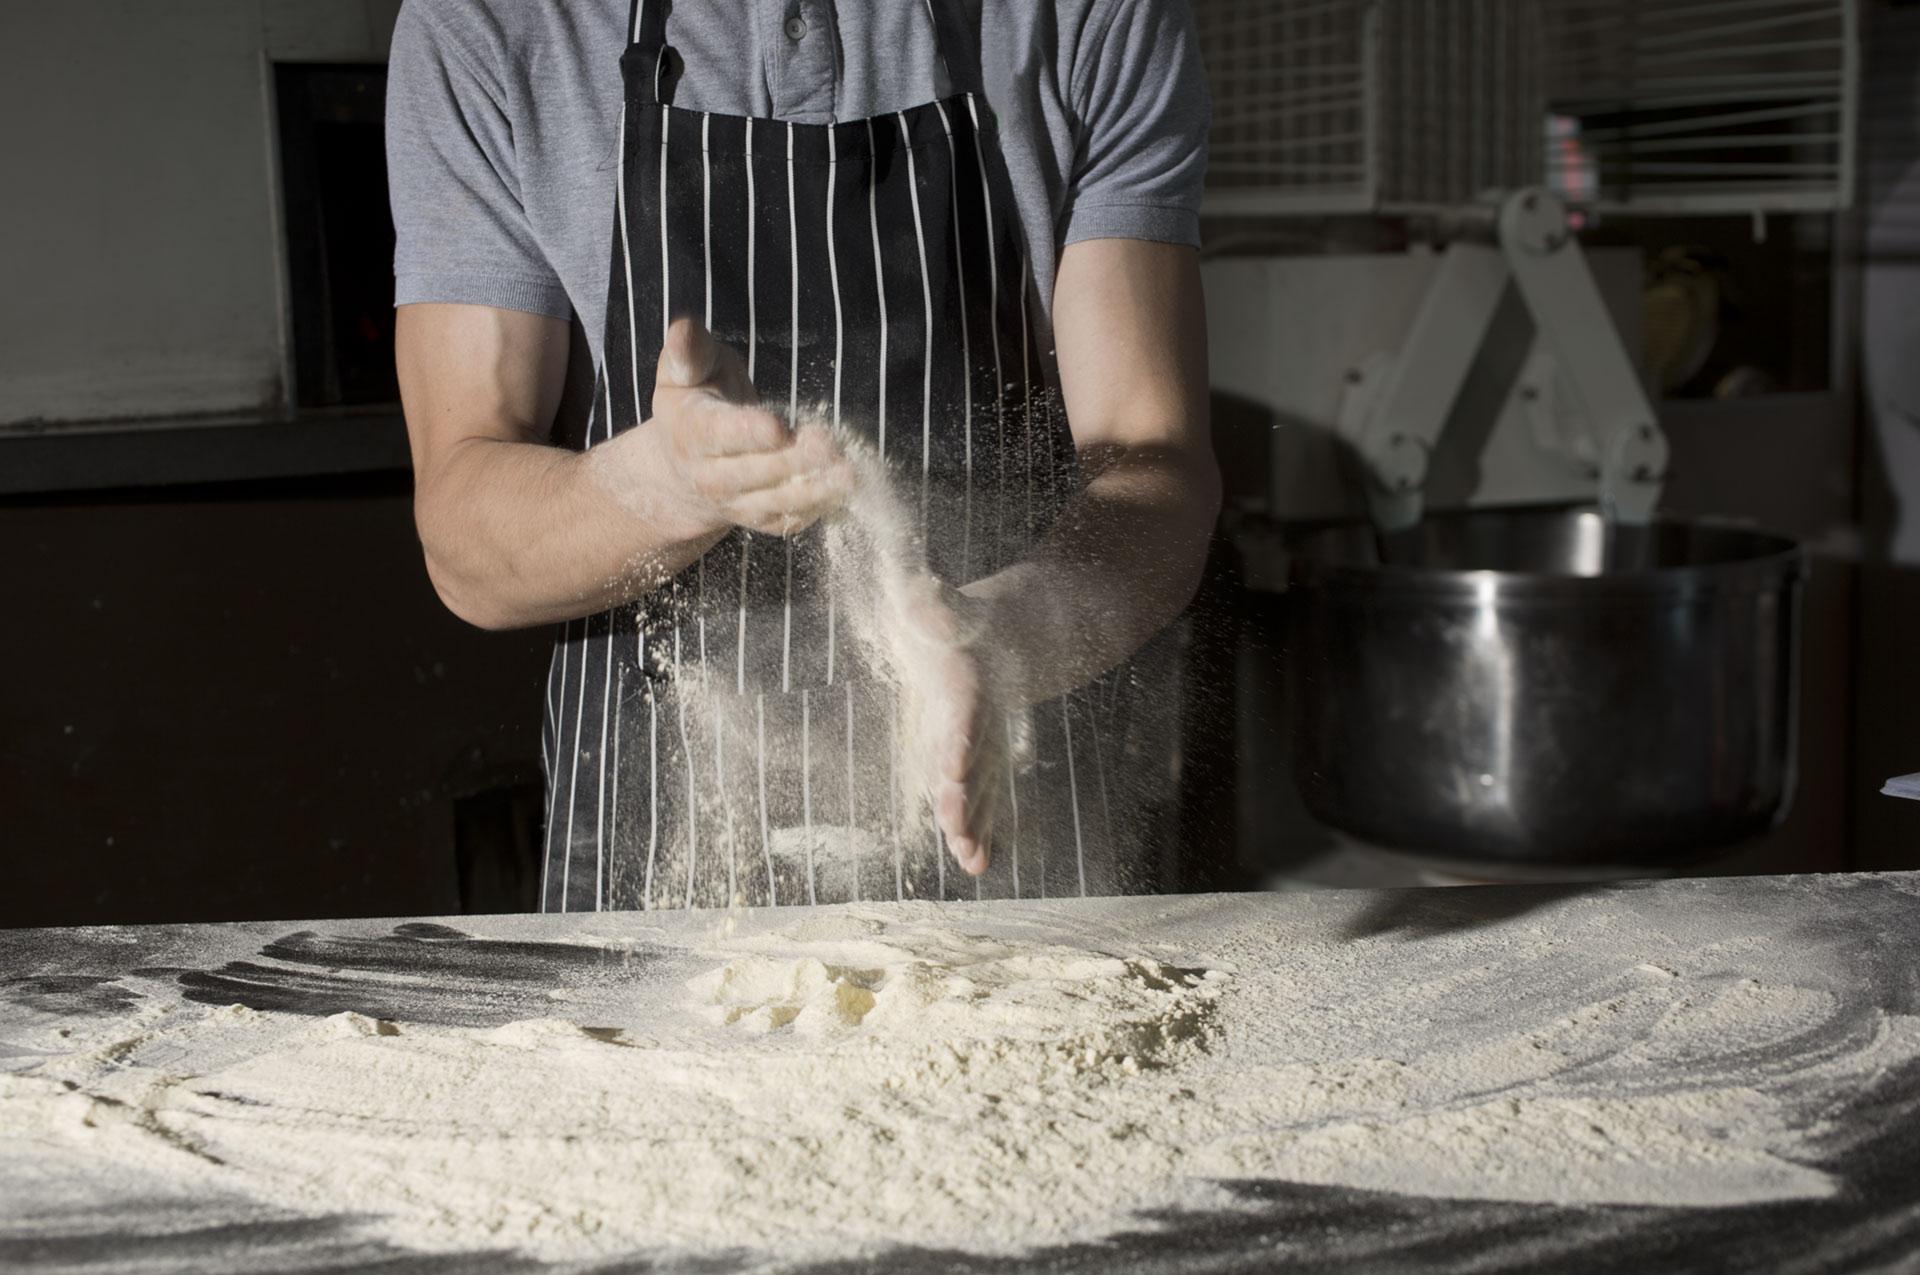 Preparazione impasto Pizza 480 Grad